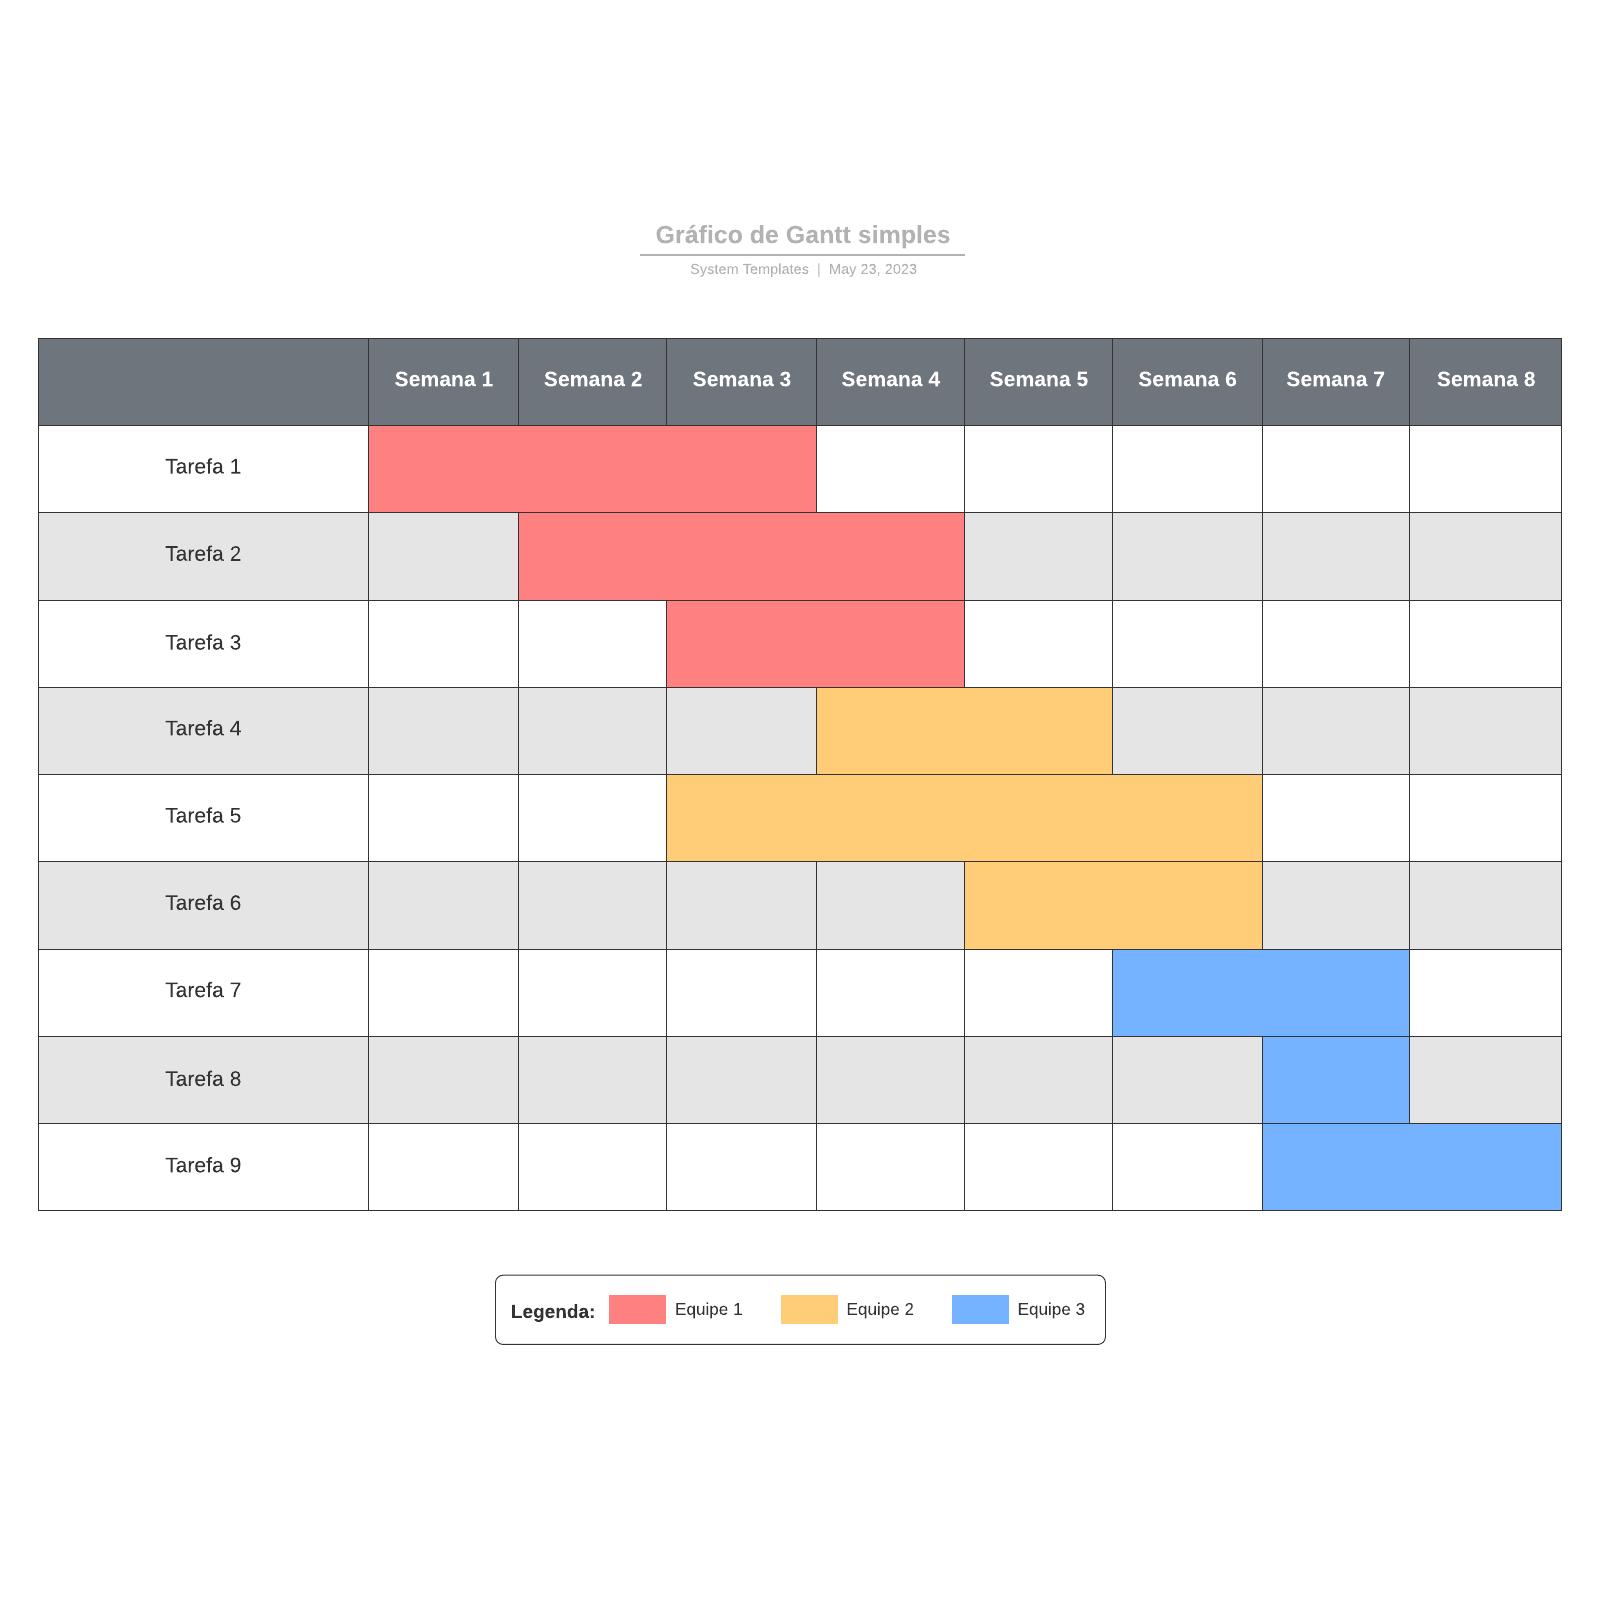 Gráfico de Gantt simples